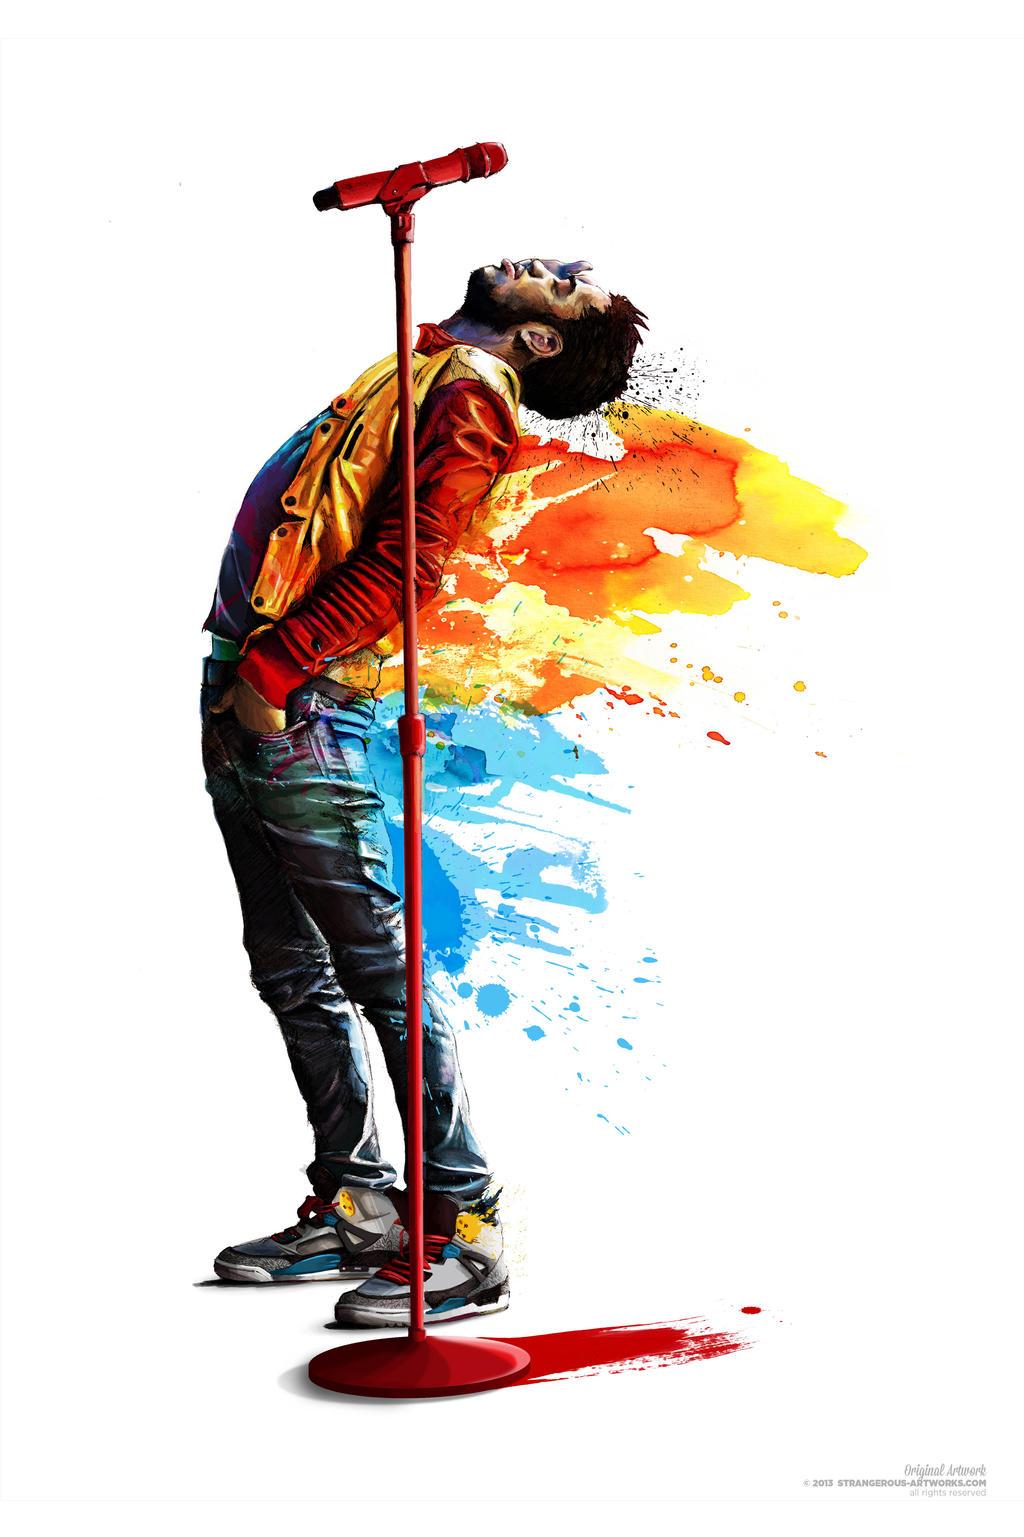 Kid Cudi Cudderisback Mp3 Download - Mp3coop.biz